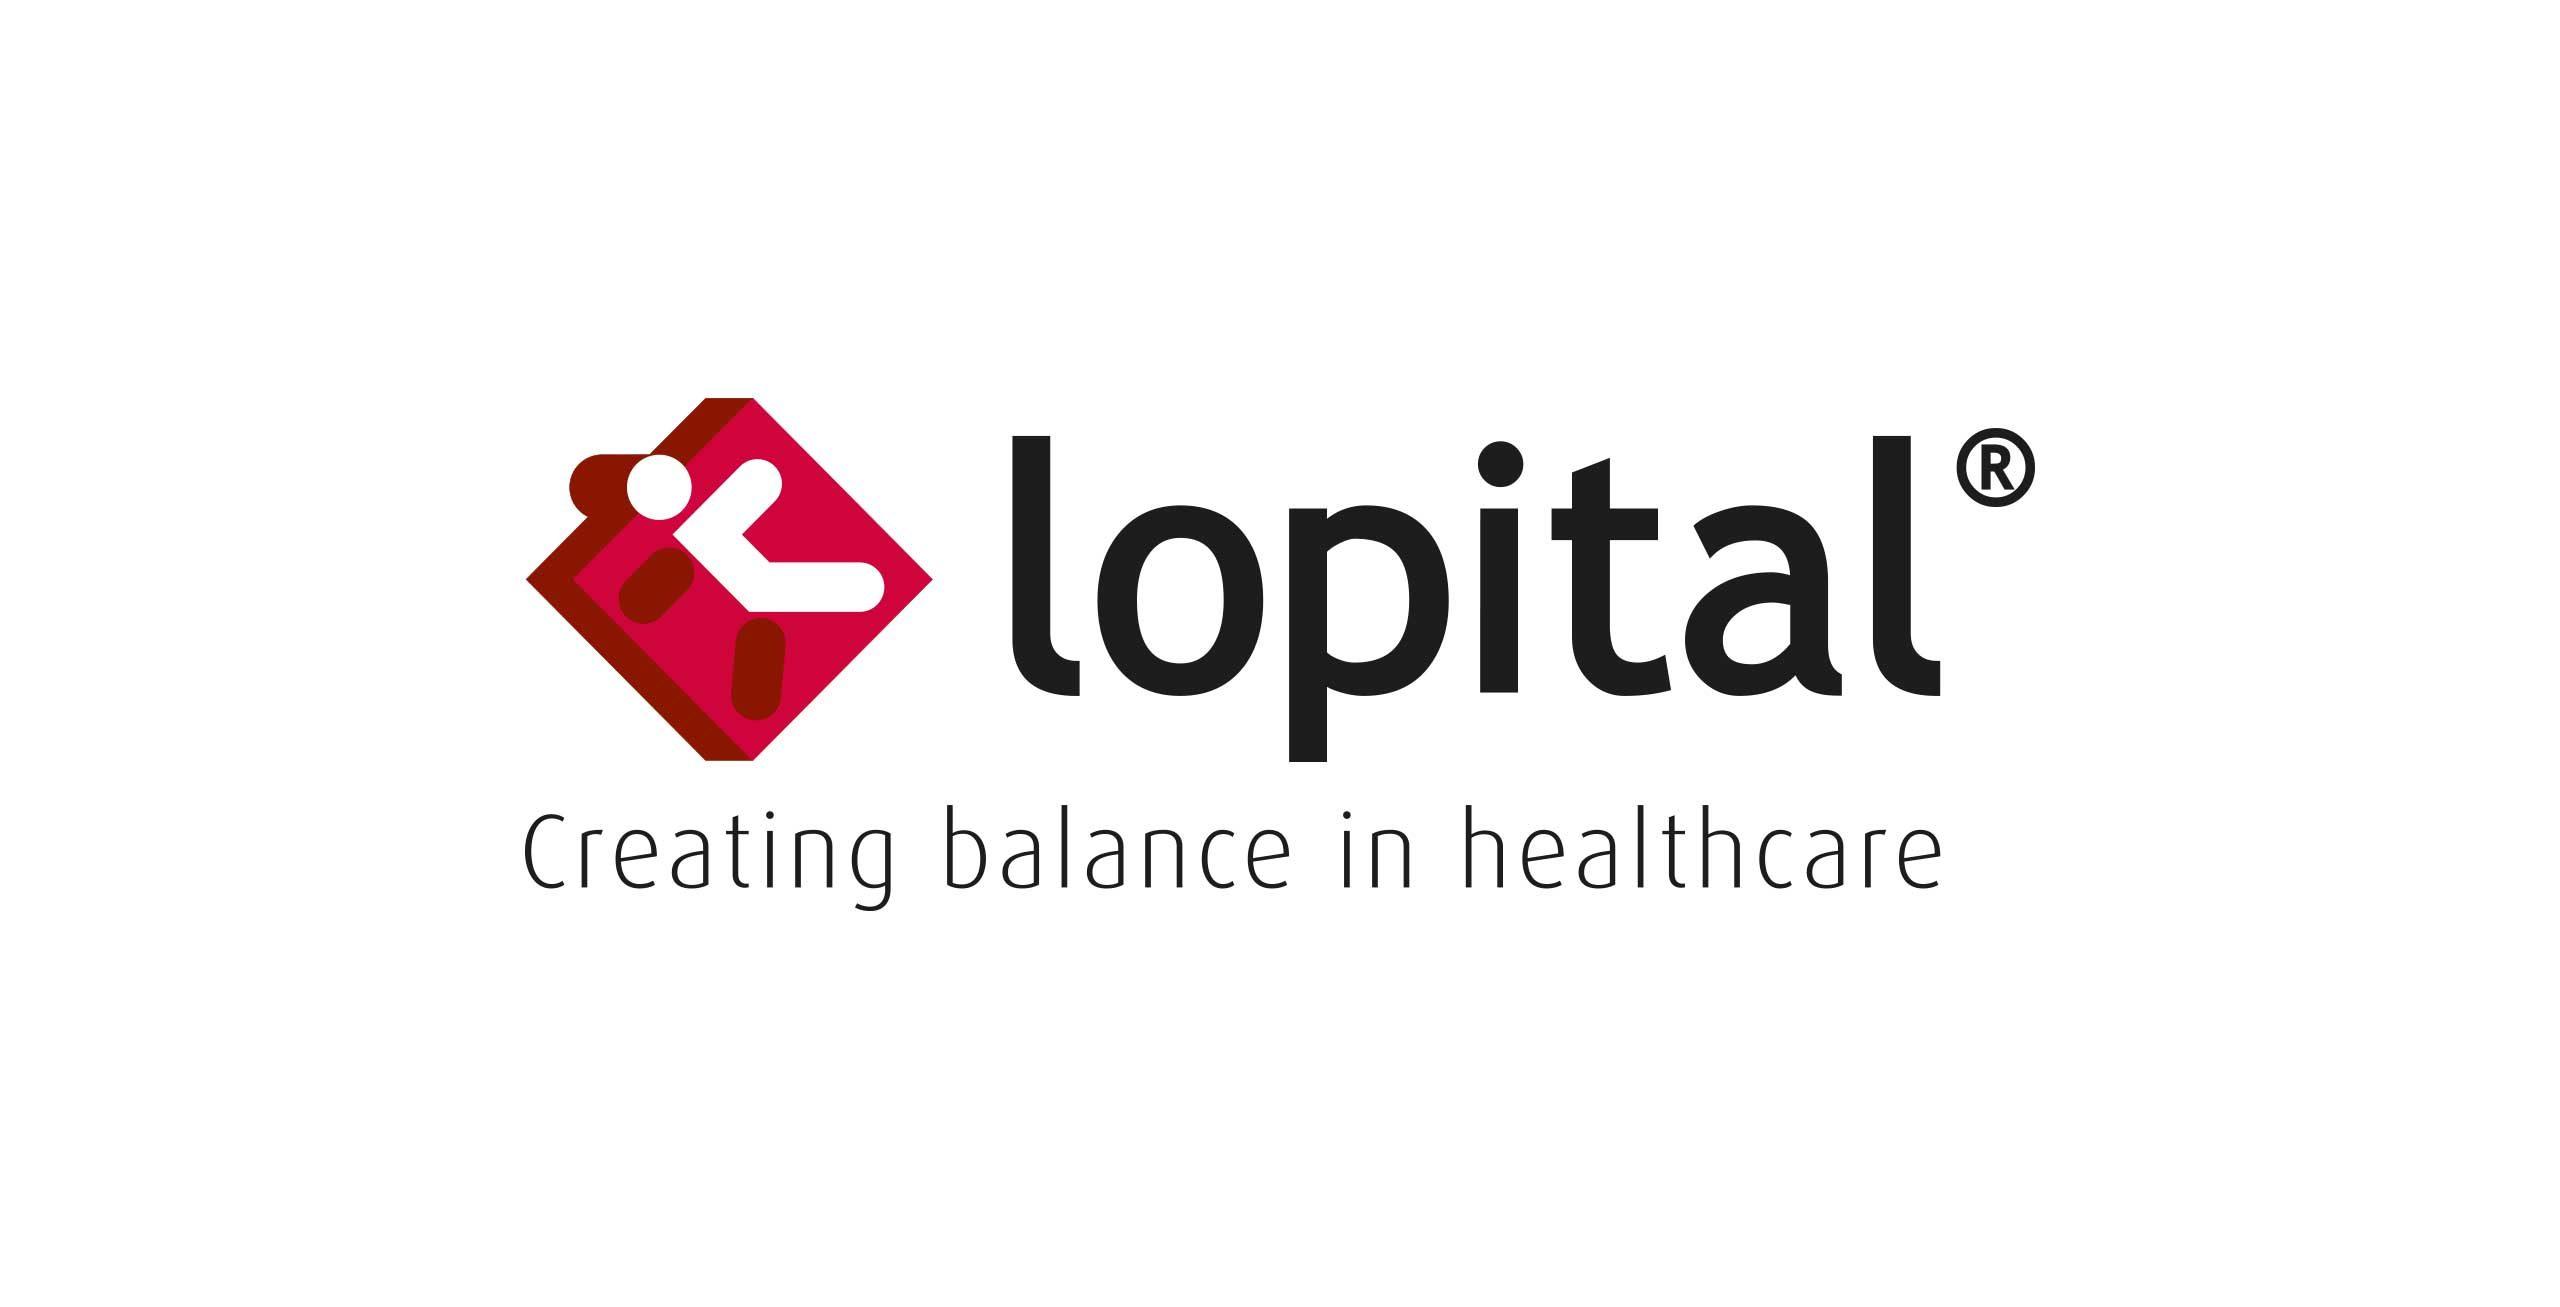 LR-lopital-logos-2560x1500